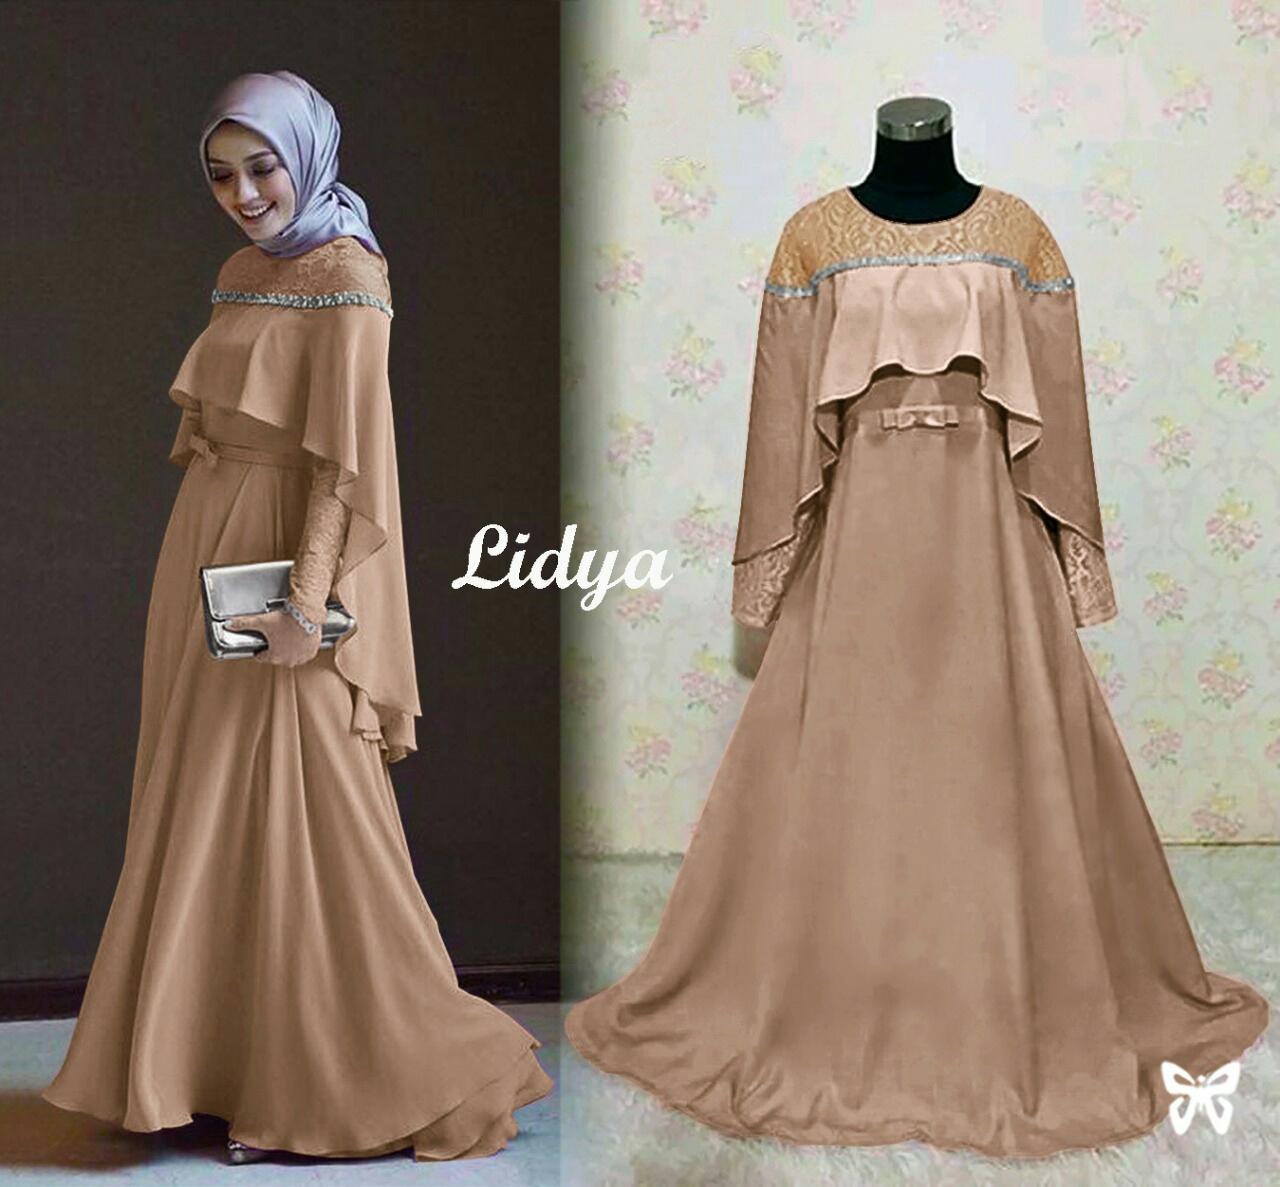 FJCO SIS Lydia / Dress panjang wanita / Gamis / Fashion Muslimah